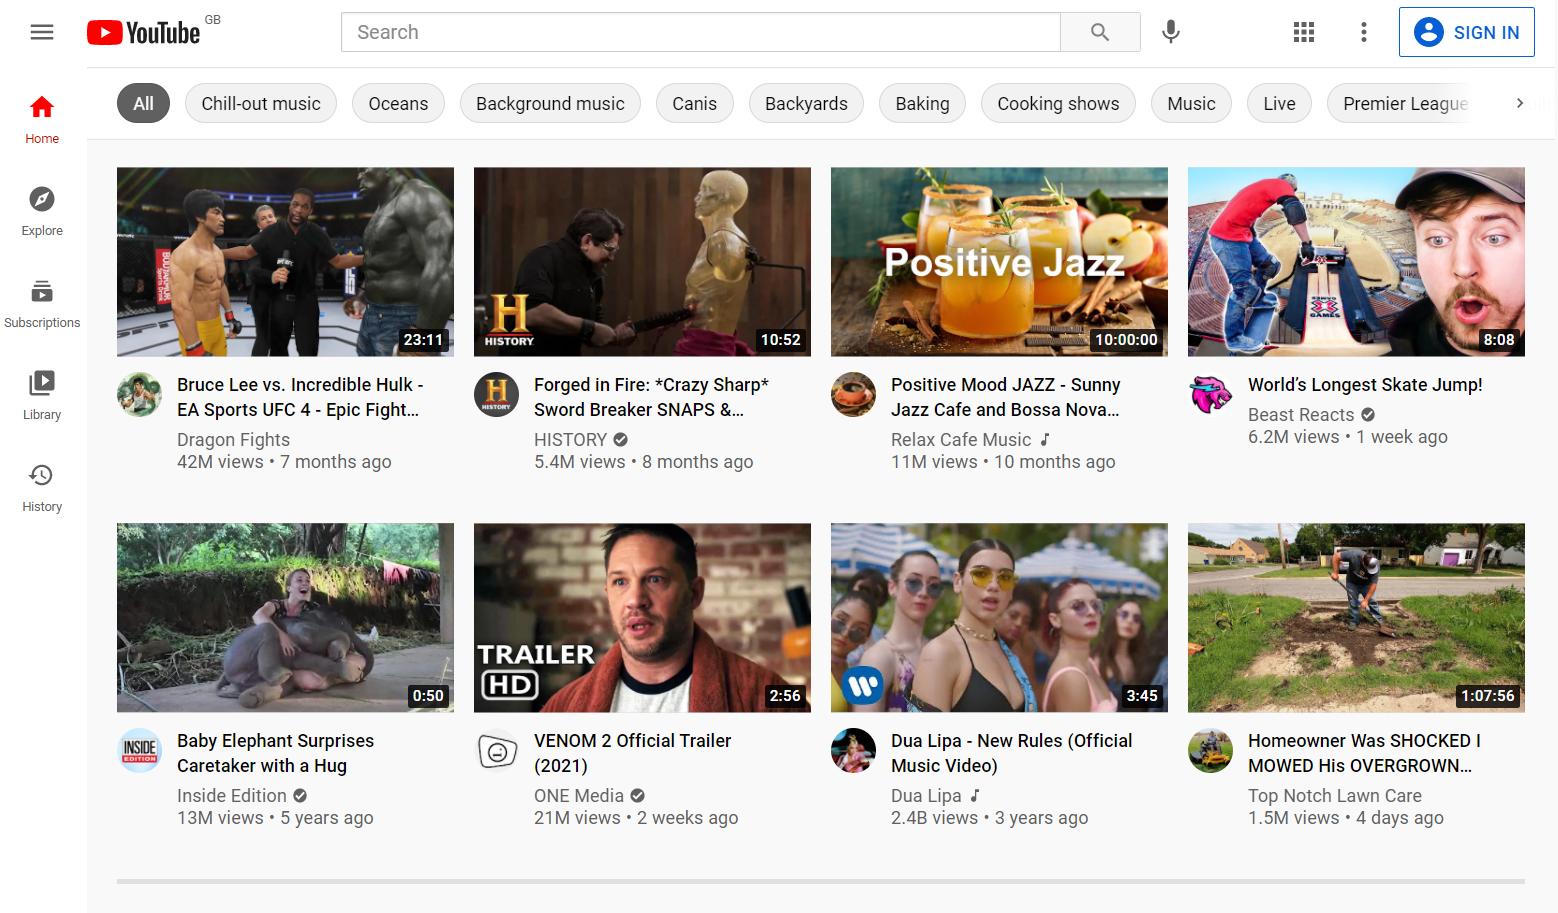 YouTube homescreen - YouTube Ads